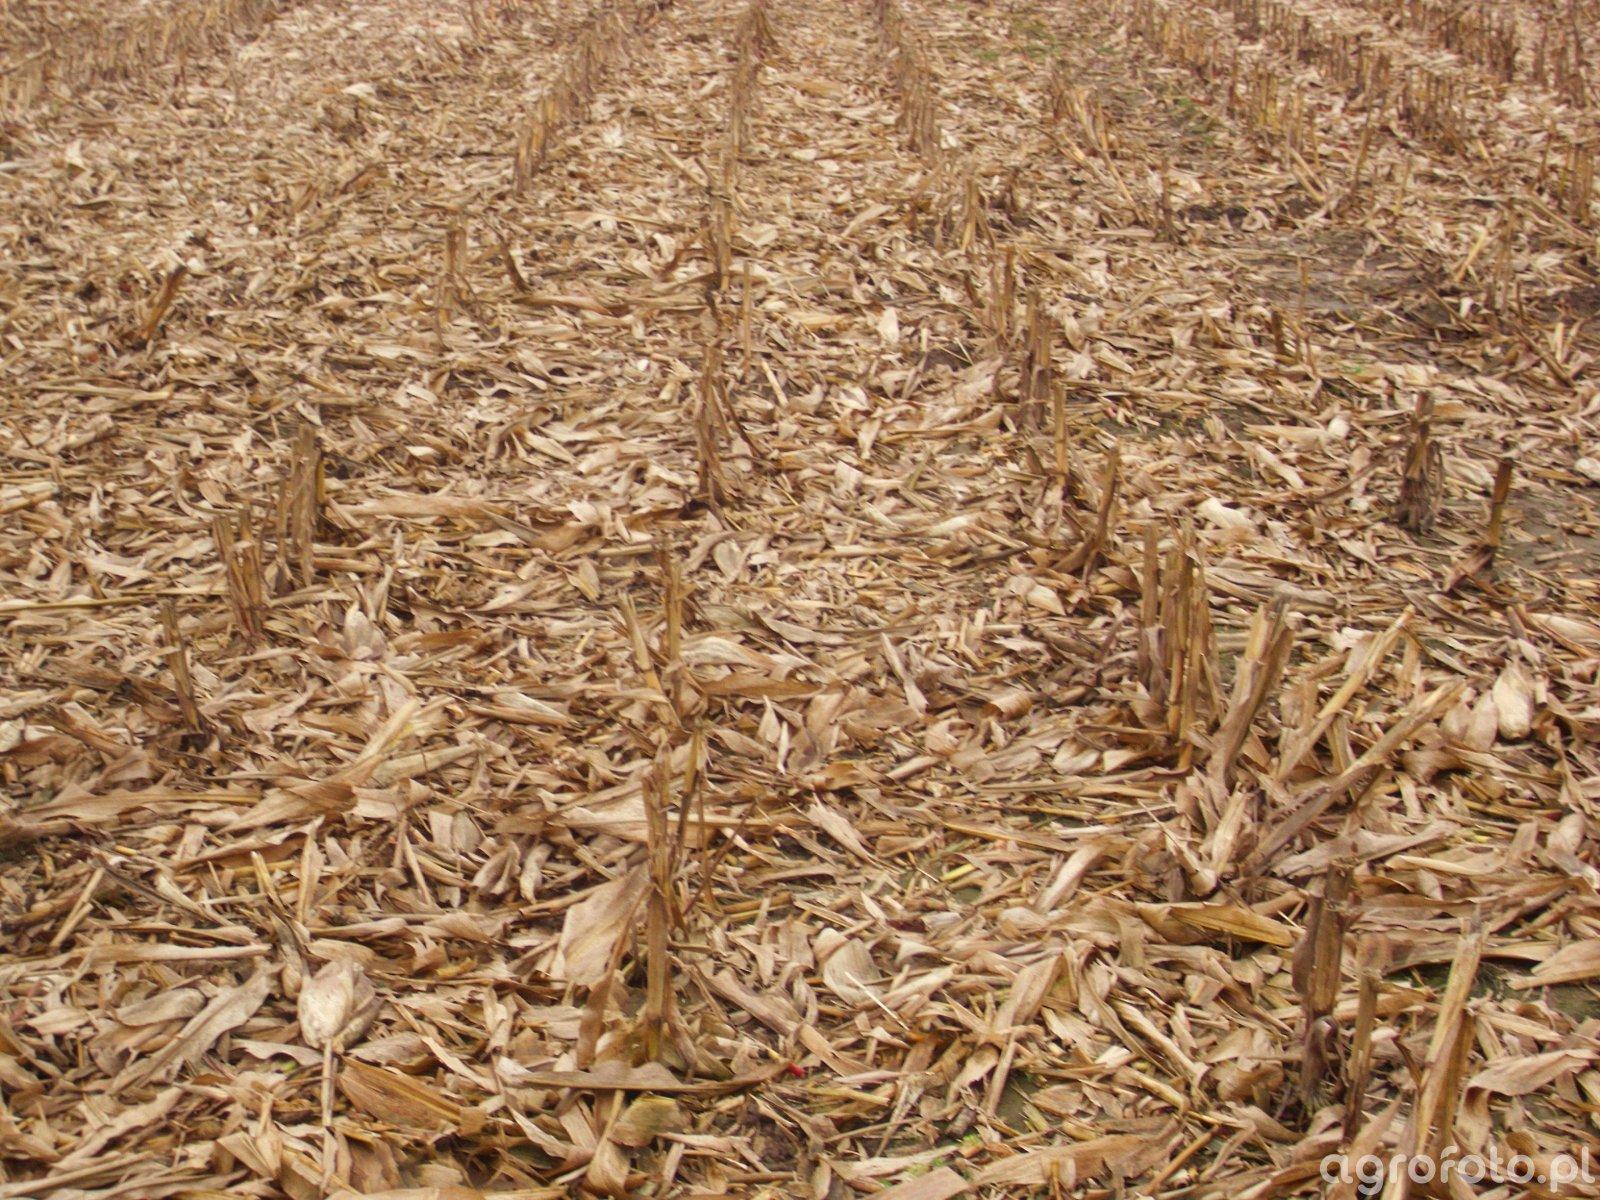 Ściernisko po kukurydzy na ziarno